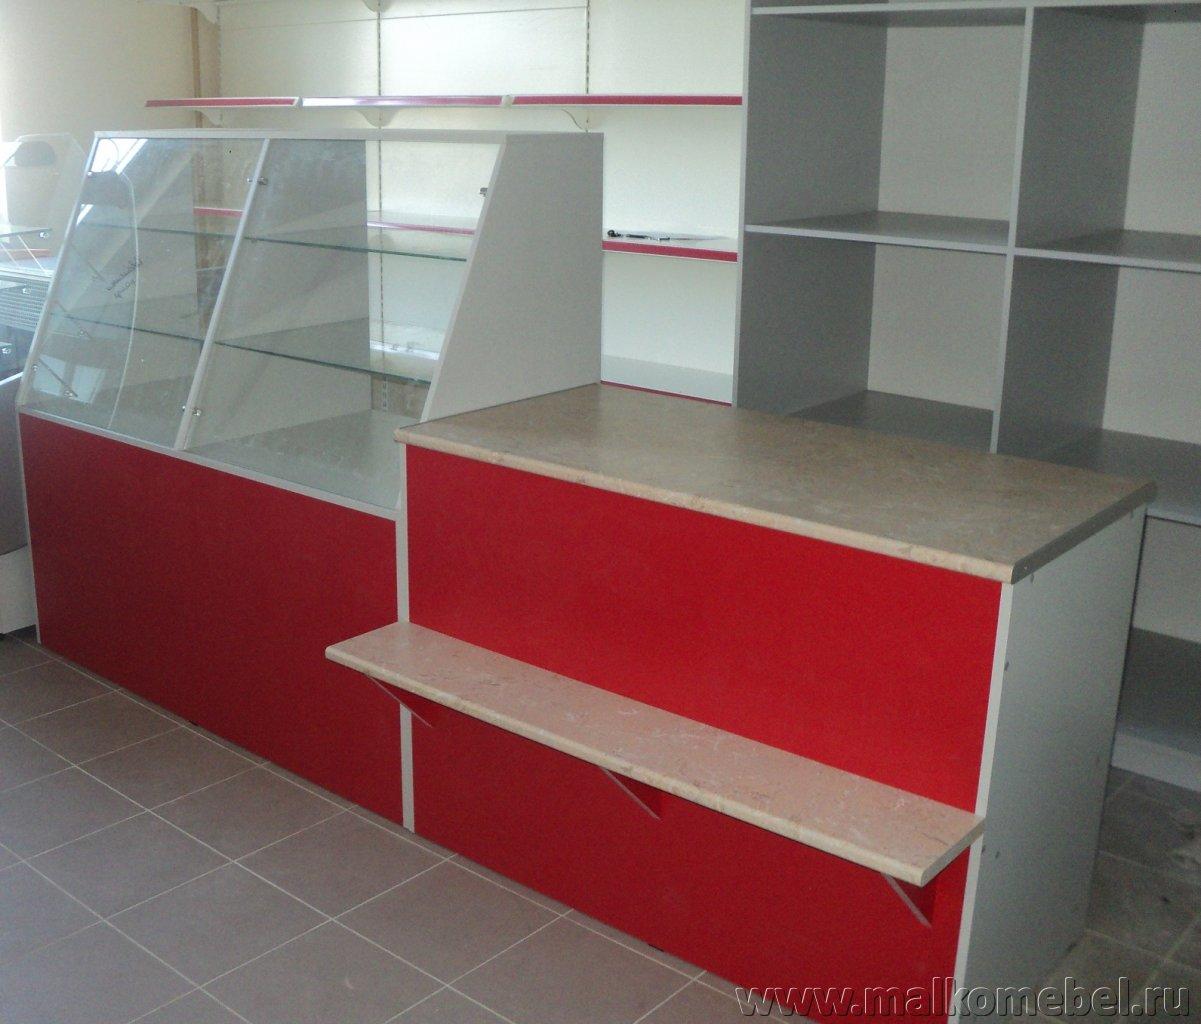 Торговая мебель для магазина на заказ в Санкт